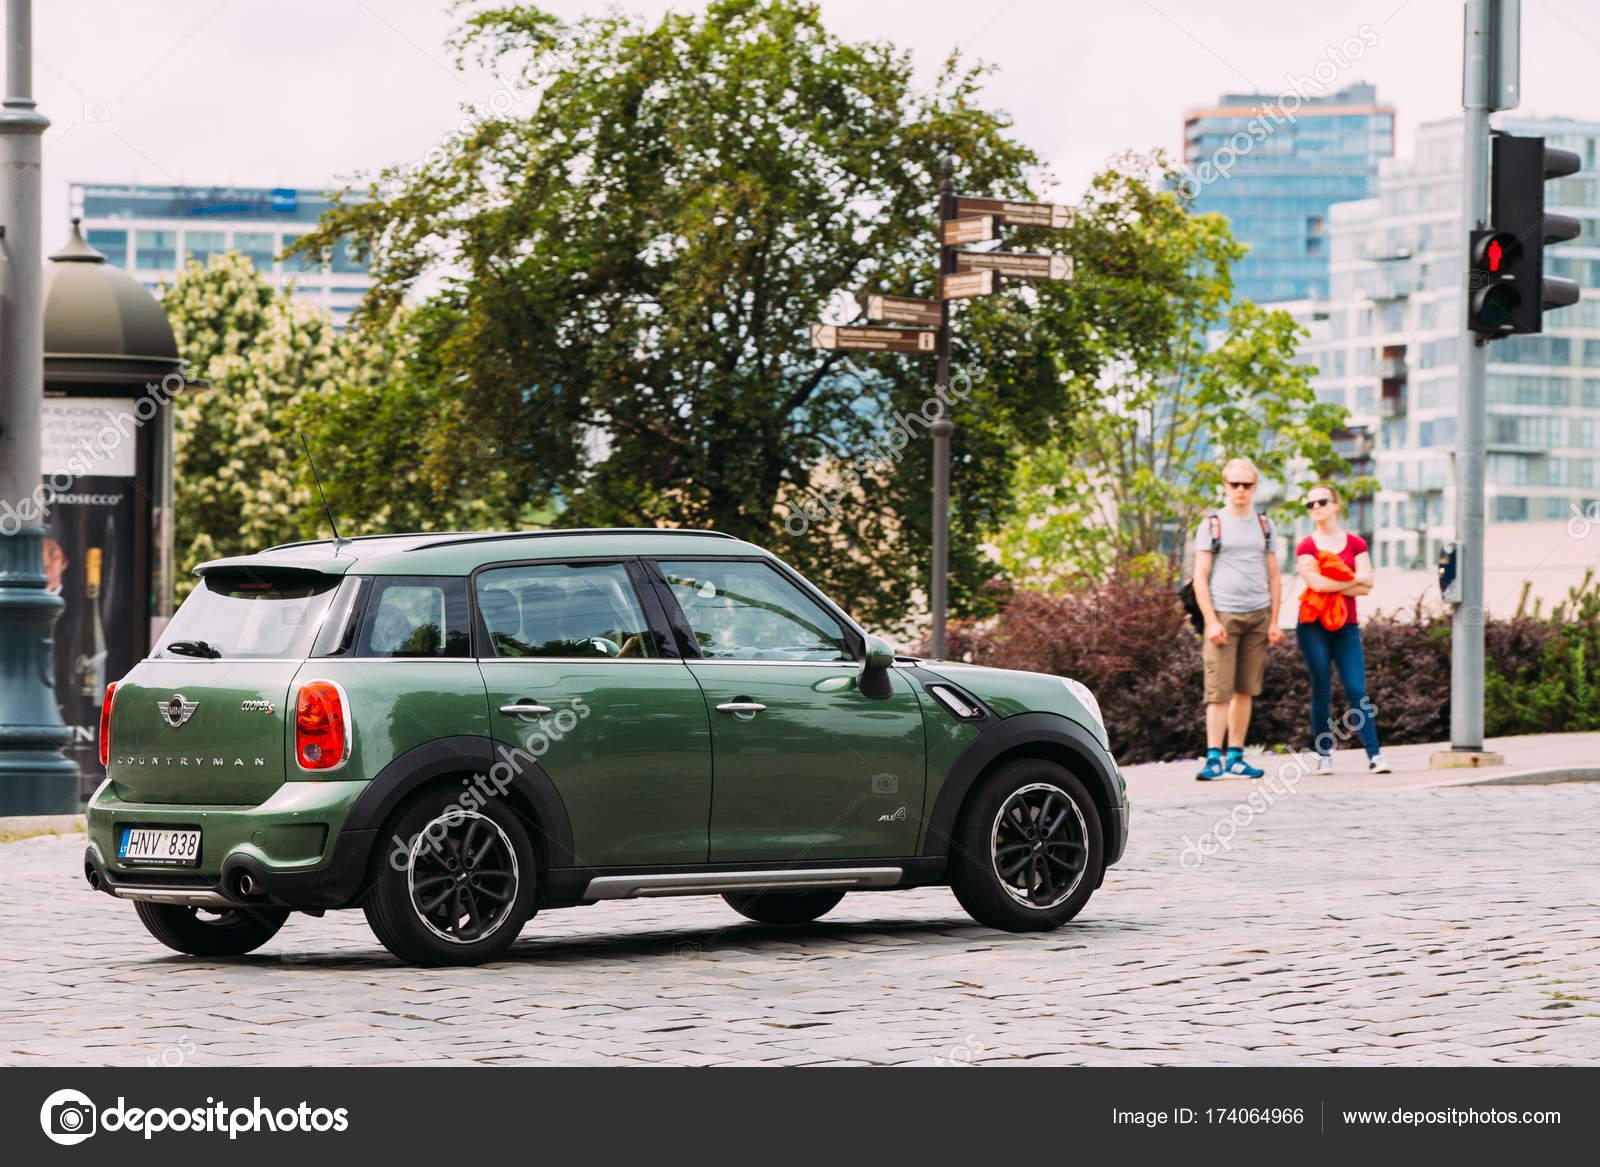 Mini mini cooper crossover : Green Color Car Mini Cooper Mini Countryman Is Moving On Street ...